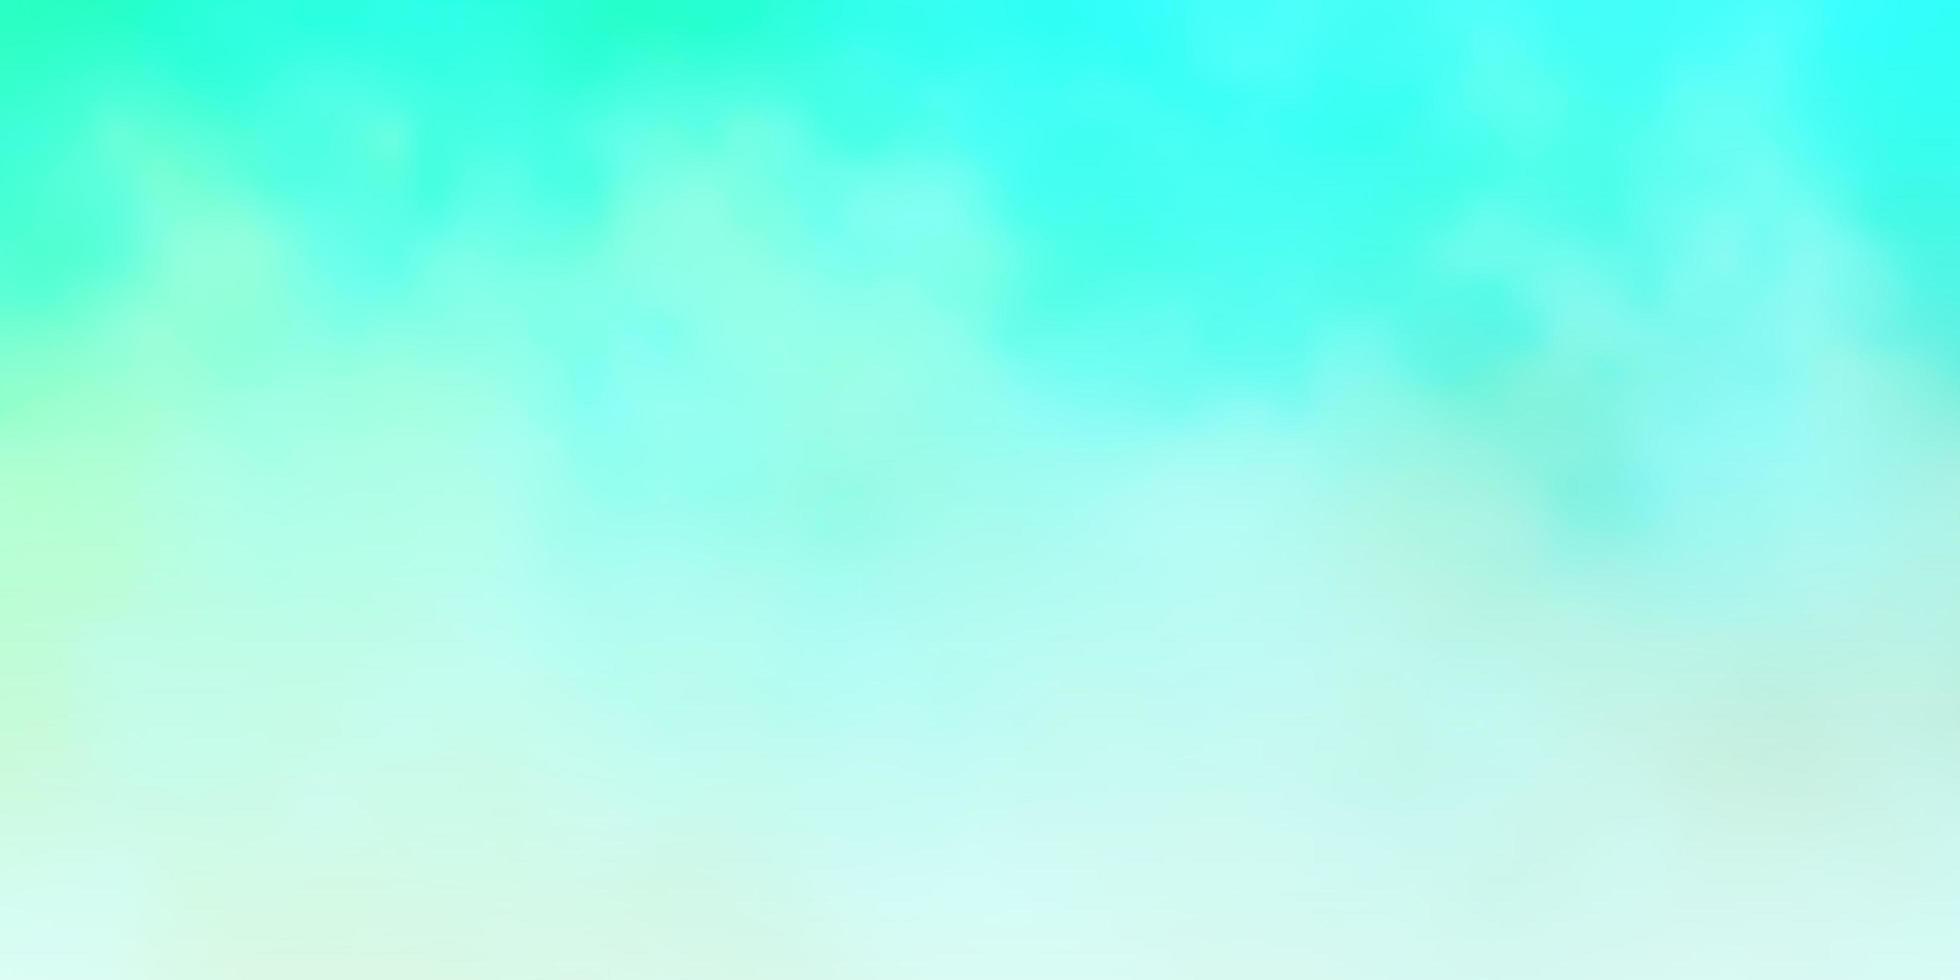 hellgrünes Vektorlayout mit Wolkenlandschaft. vektor